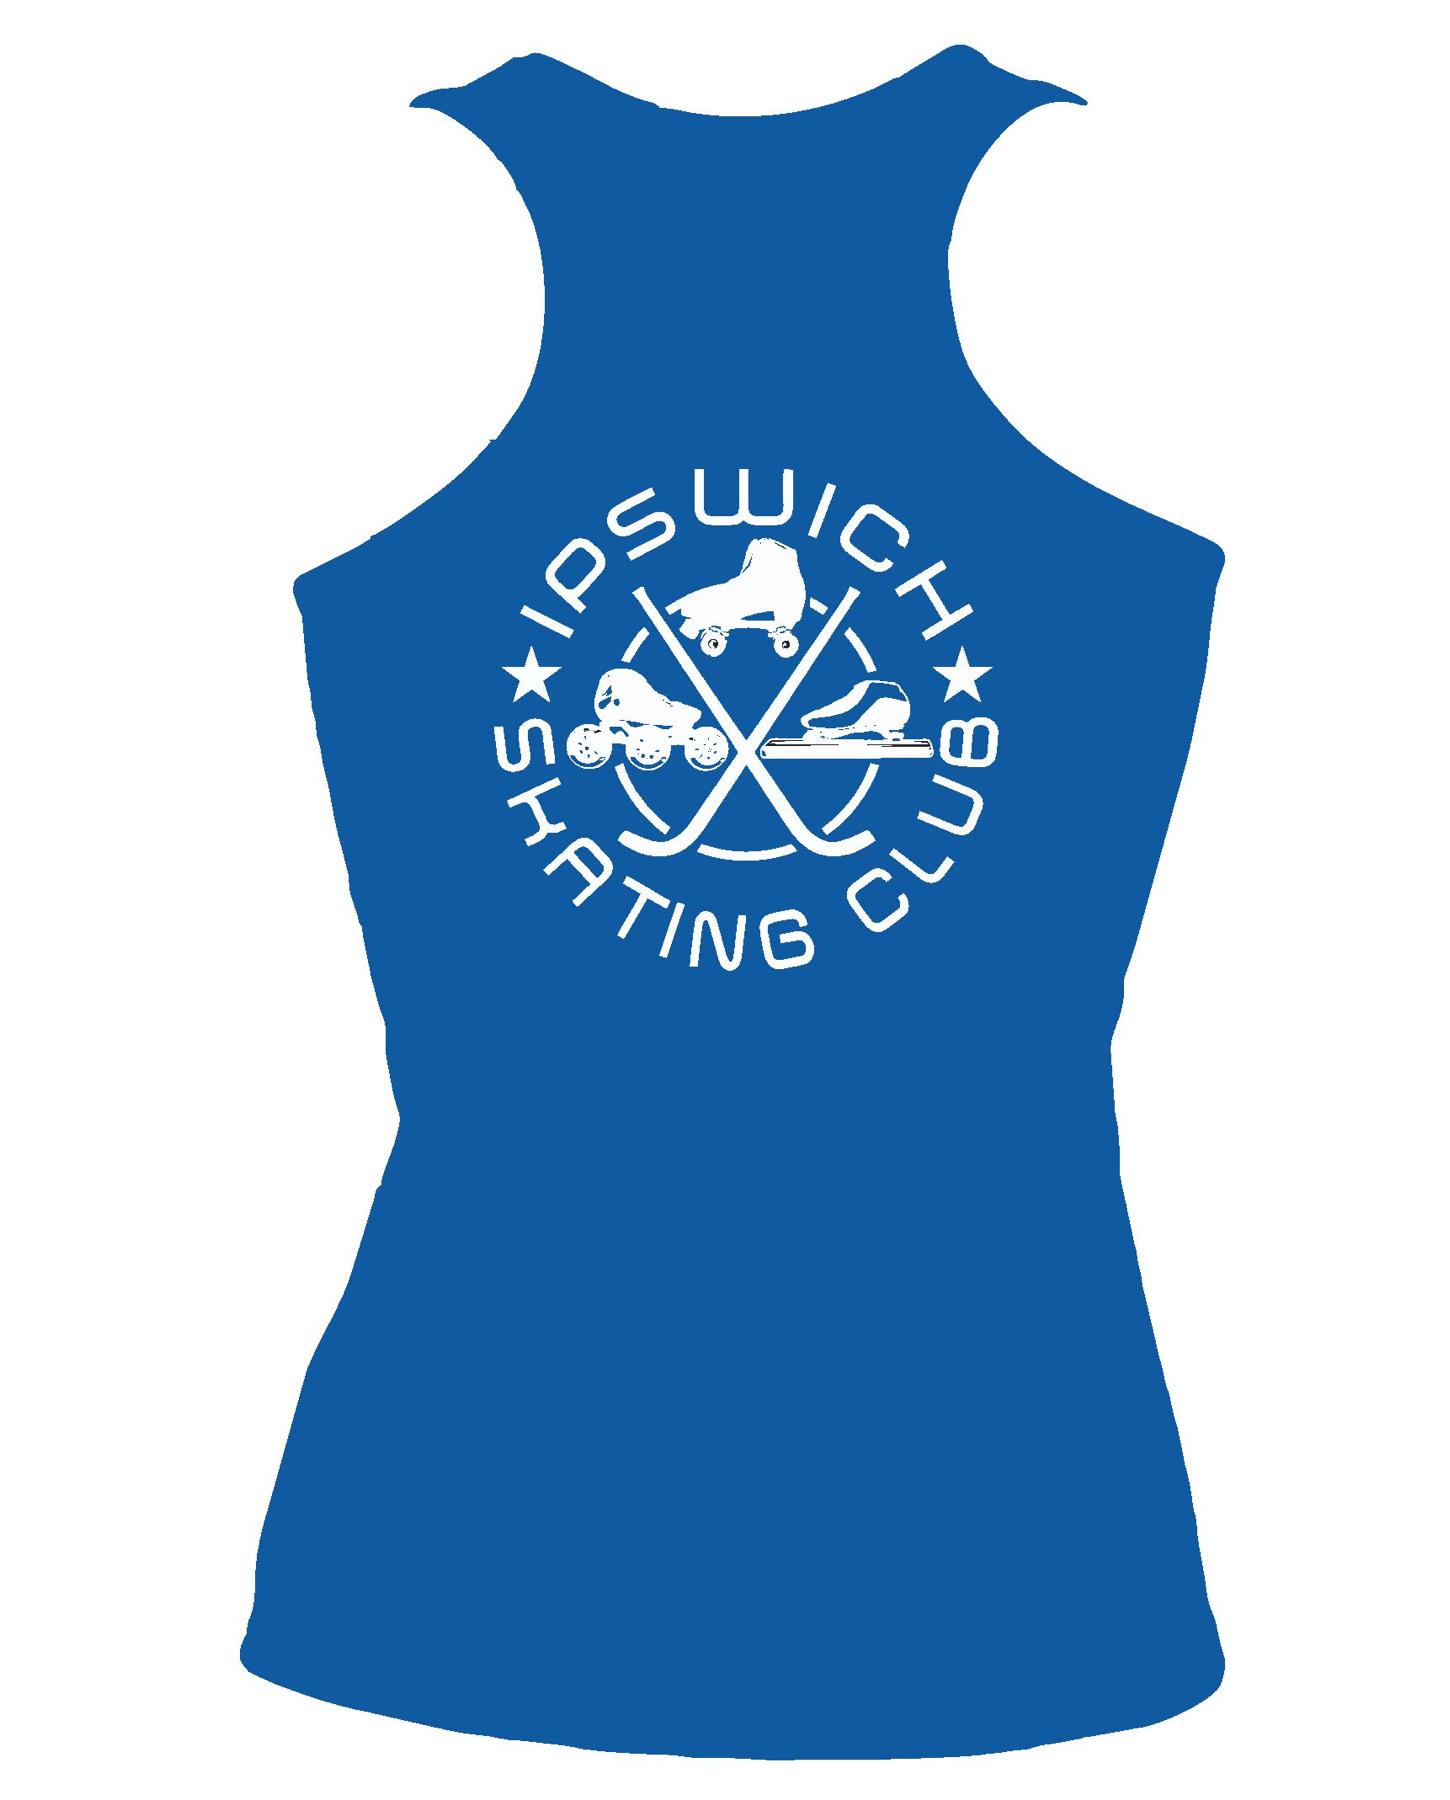 ISC – Performance Vest (Ladies)